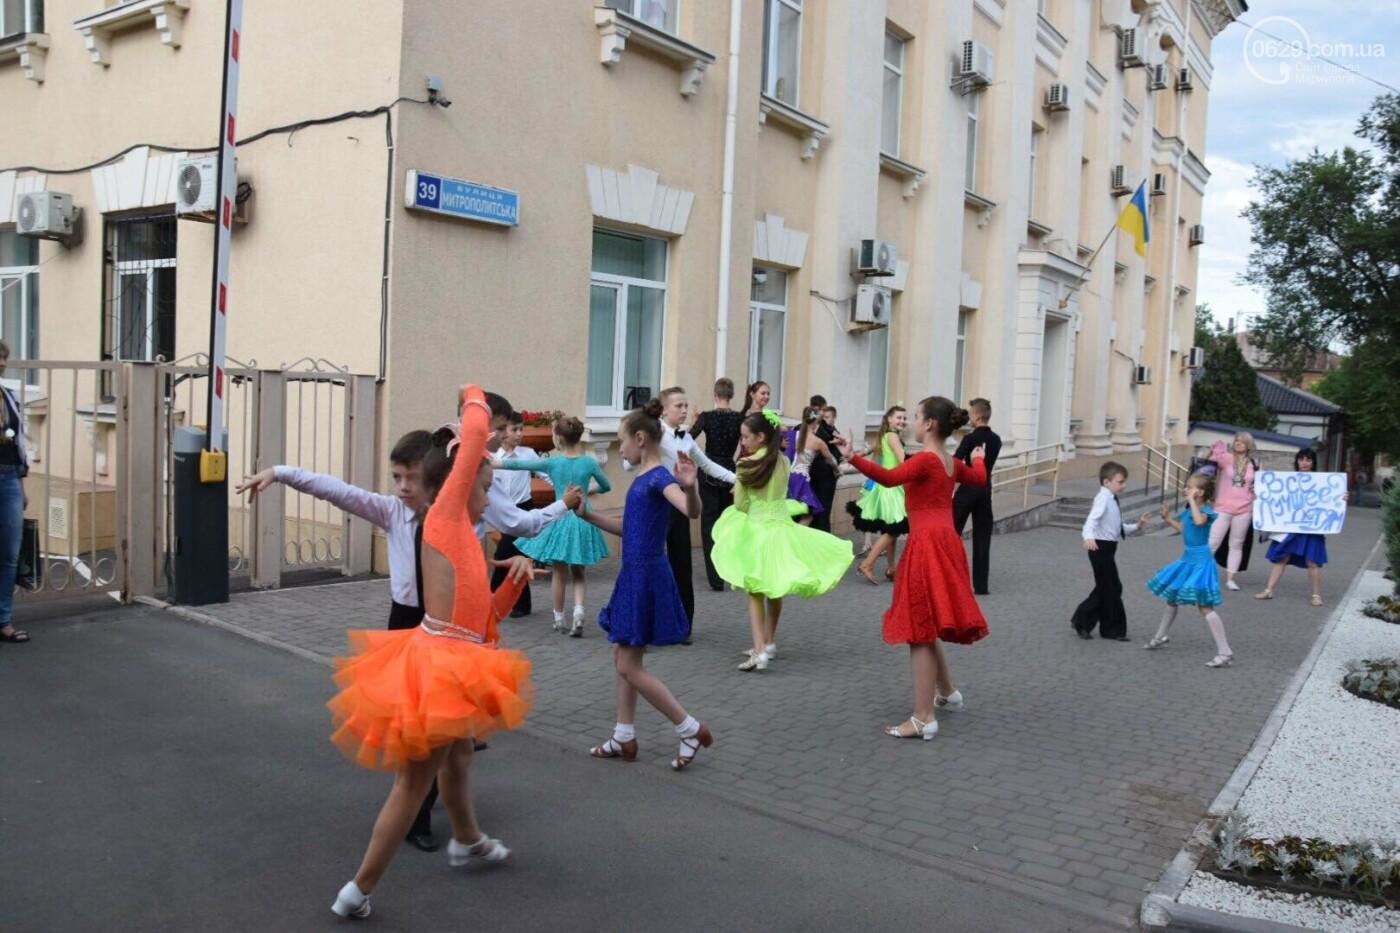 """Спасение """"Зироньки"""": в  Мариуполе дети устроили танцевальный флешмоб под зданием мэрии, - ФОТО, фото-3"""